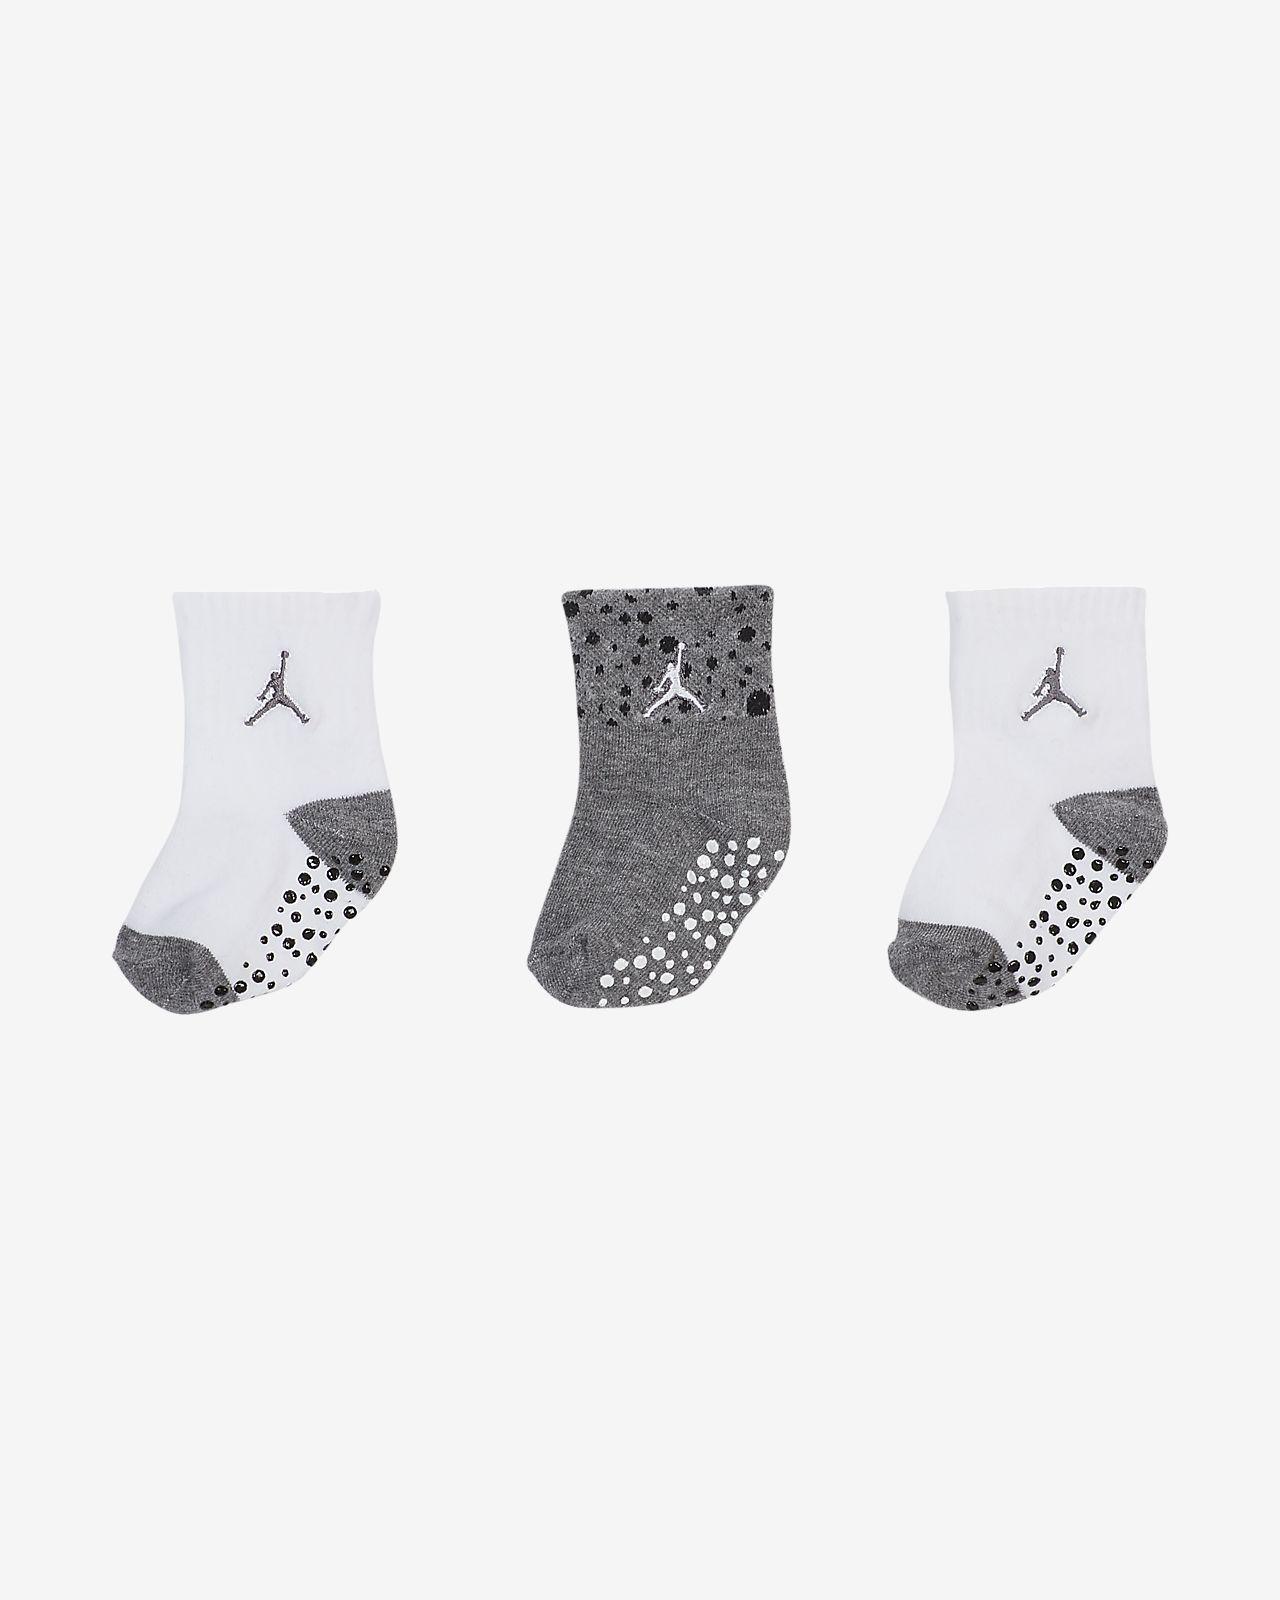 Meias antiderrapantes pelo tornozelo Jordan para bebé (3 pares)